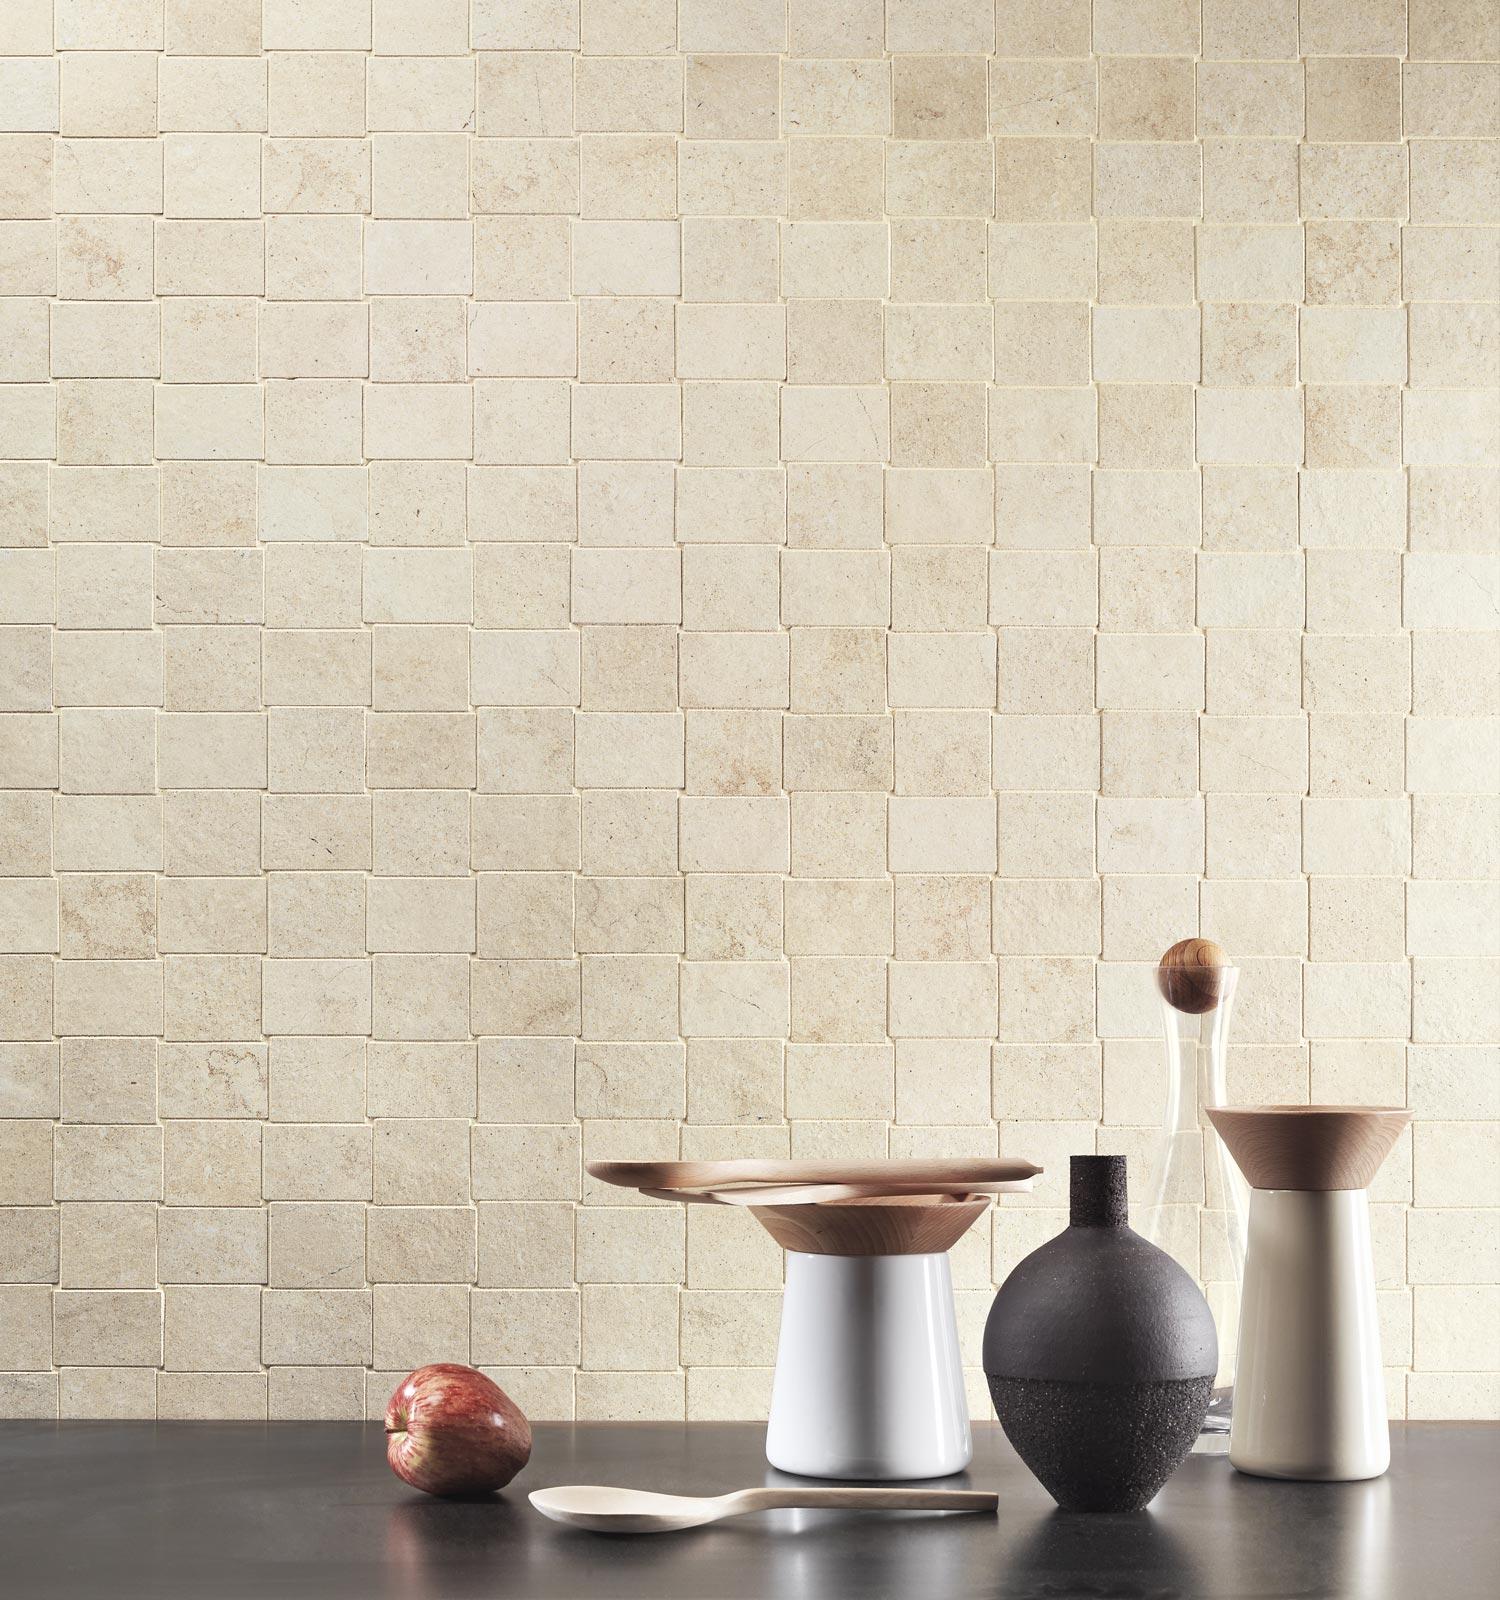 Gres effetto pietra realstone per interni ed esterni ragno - Coprire le piastrelle della cucina ...